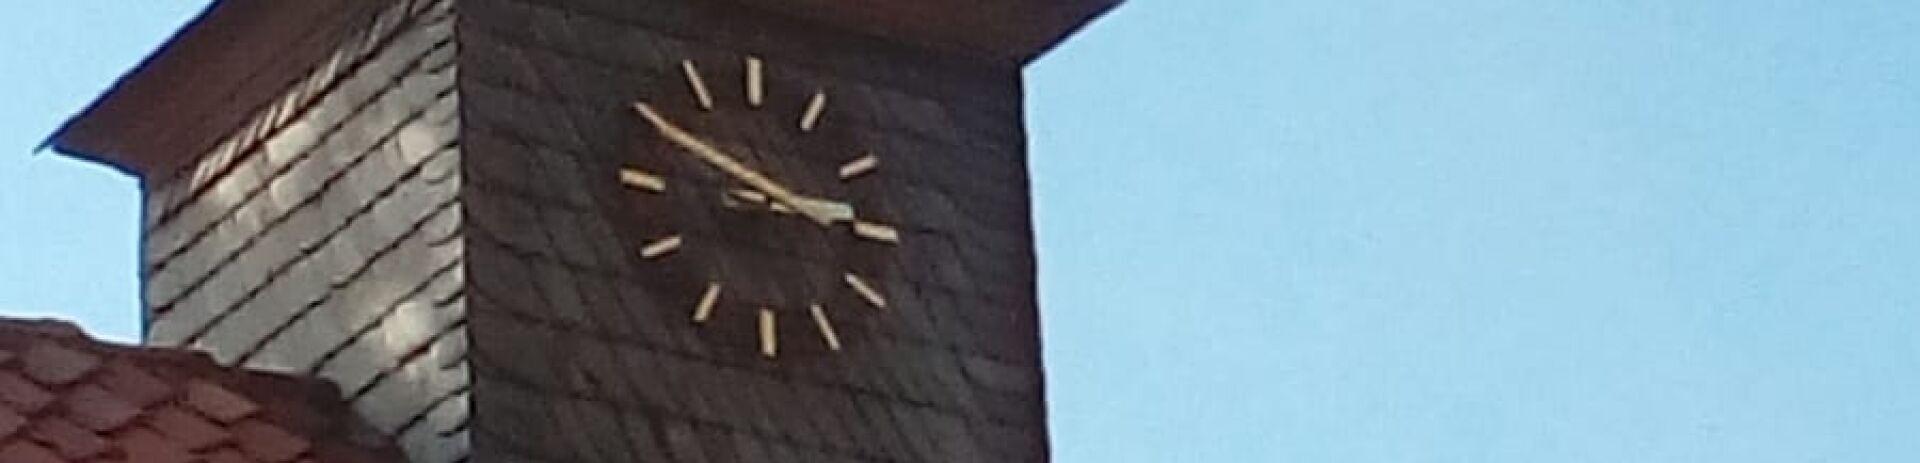 Turmuhr an der Grundschulle Ahrbergen